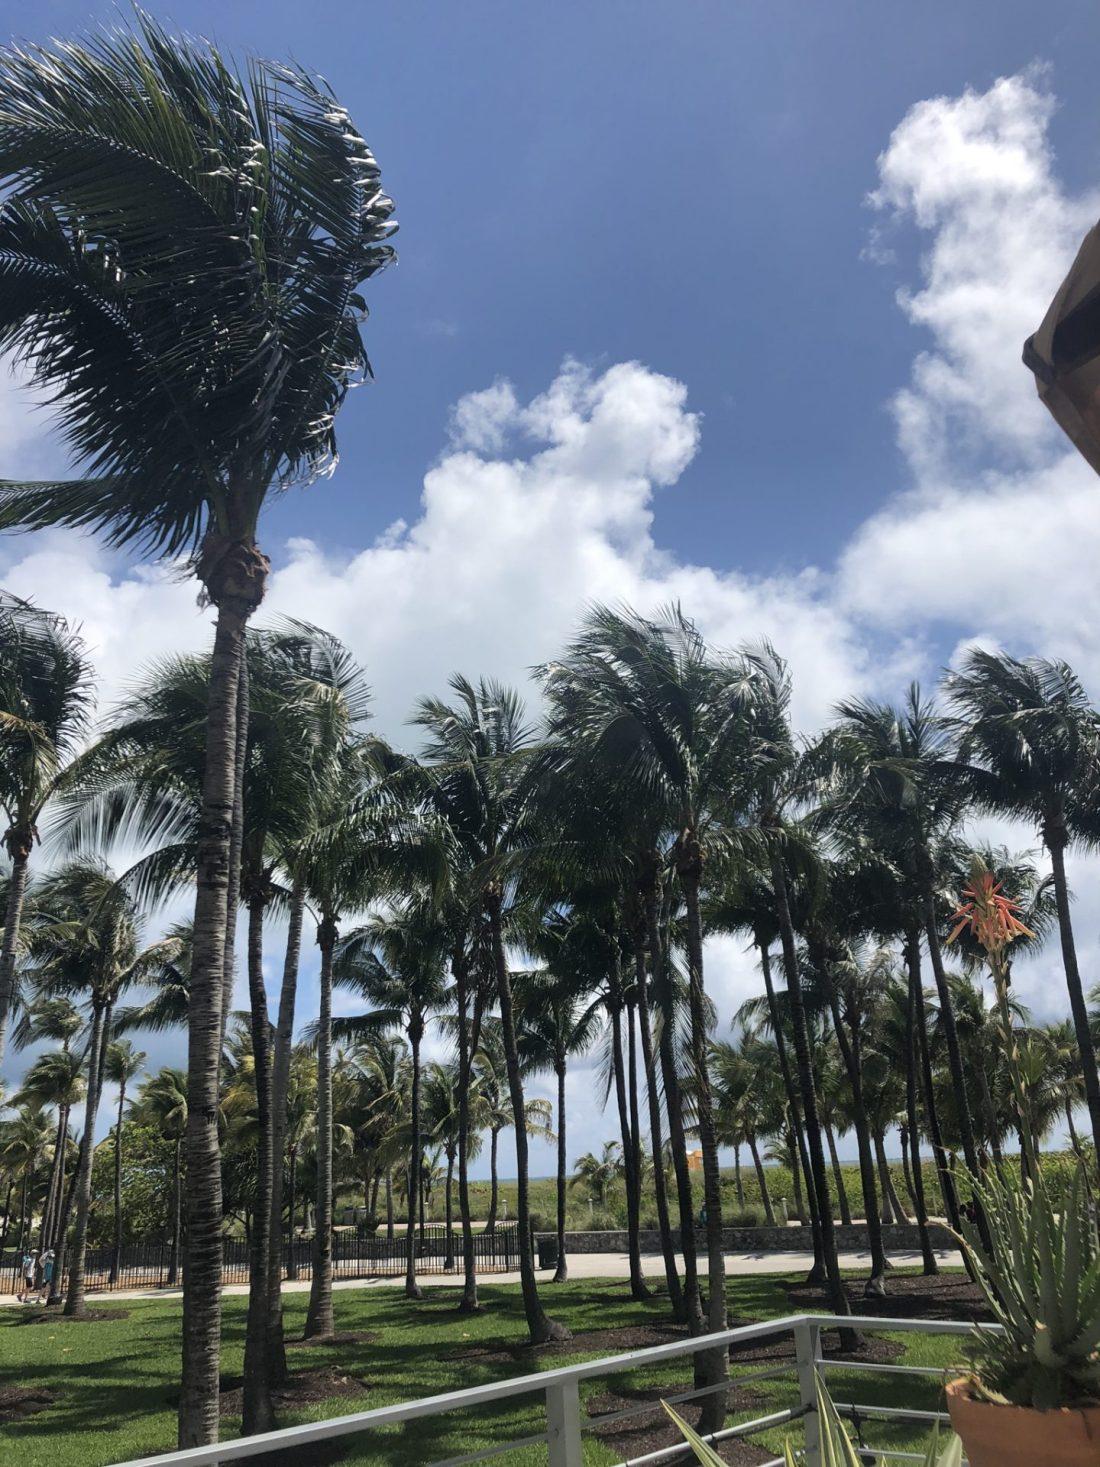 Palm trees on Miami Beach